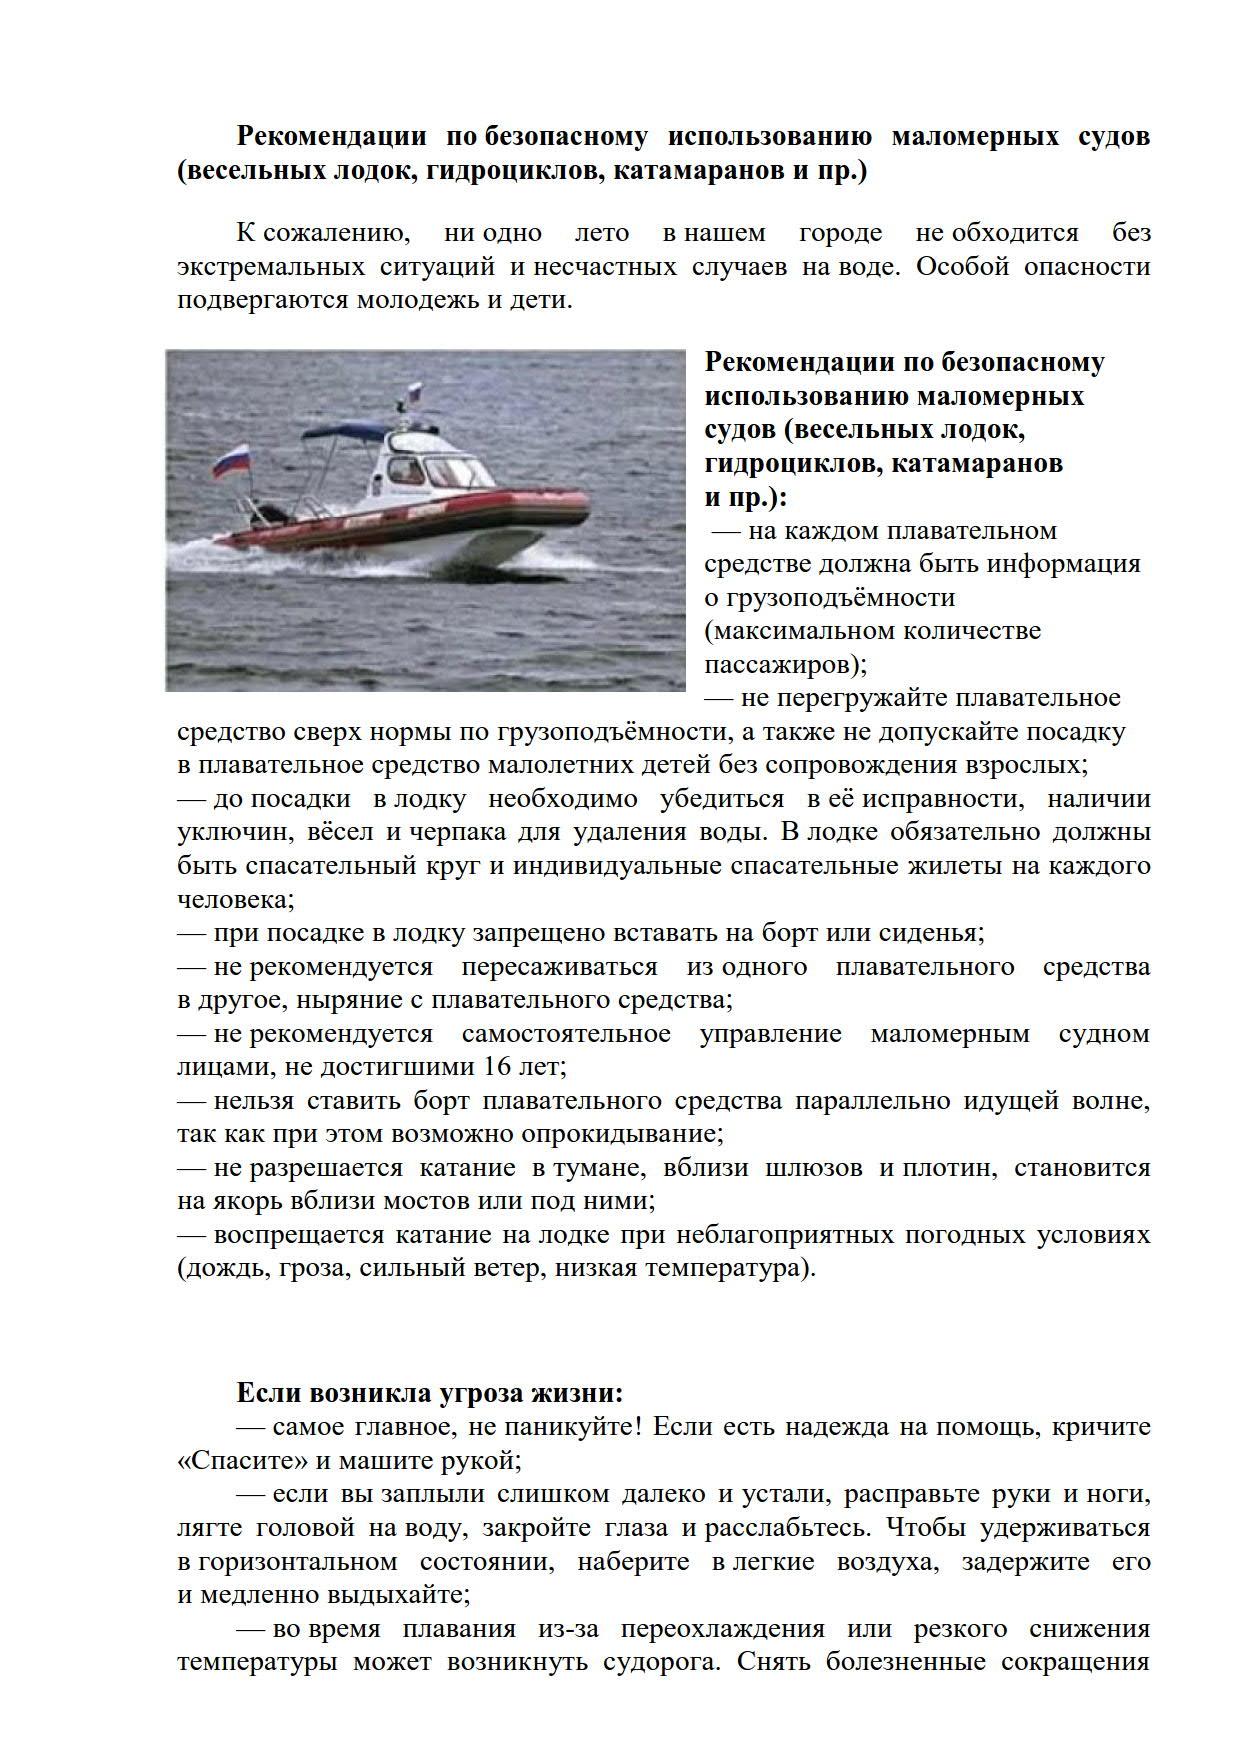 Отдых на воде (лодки)_1